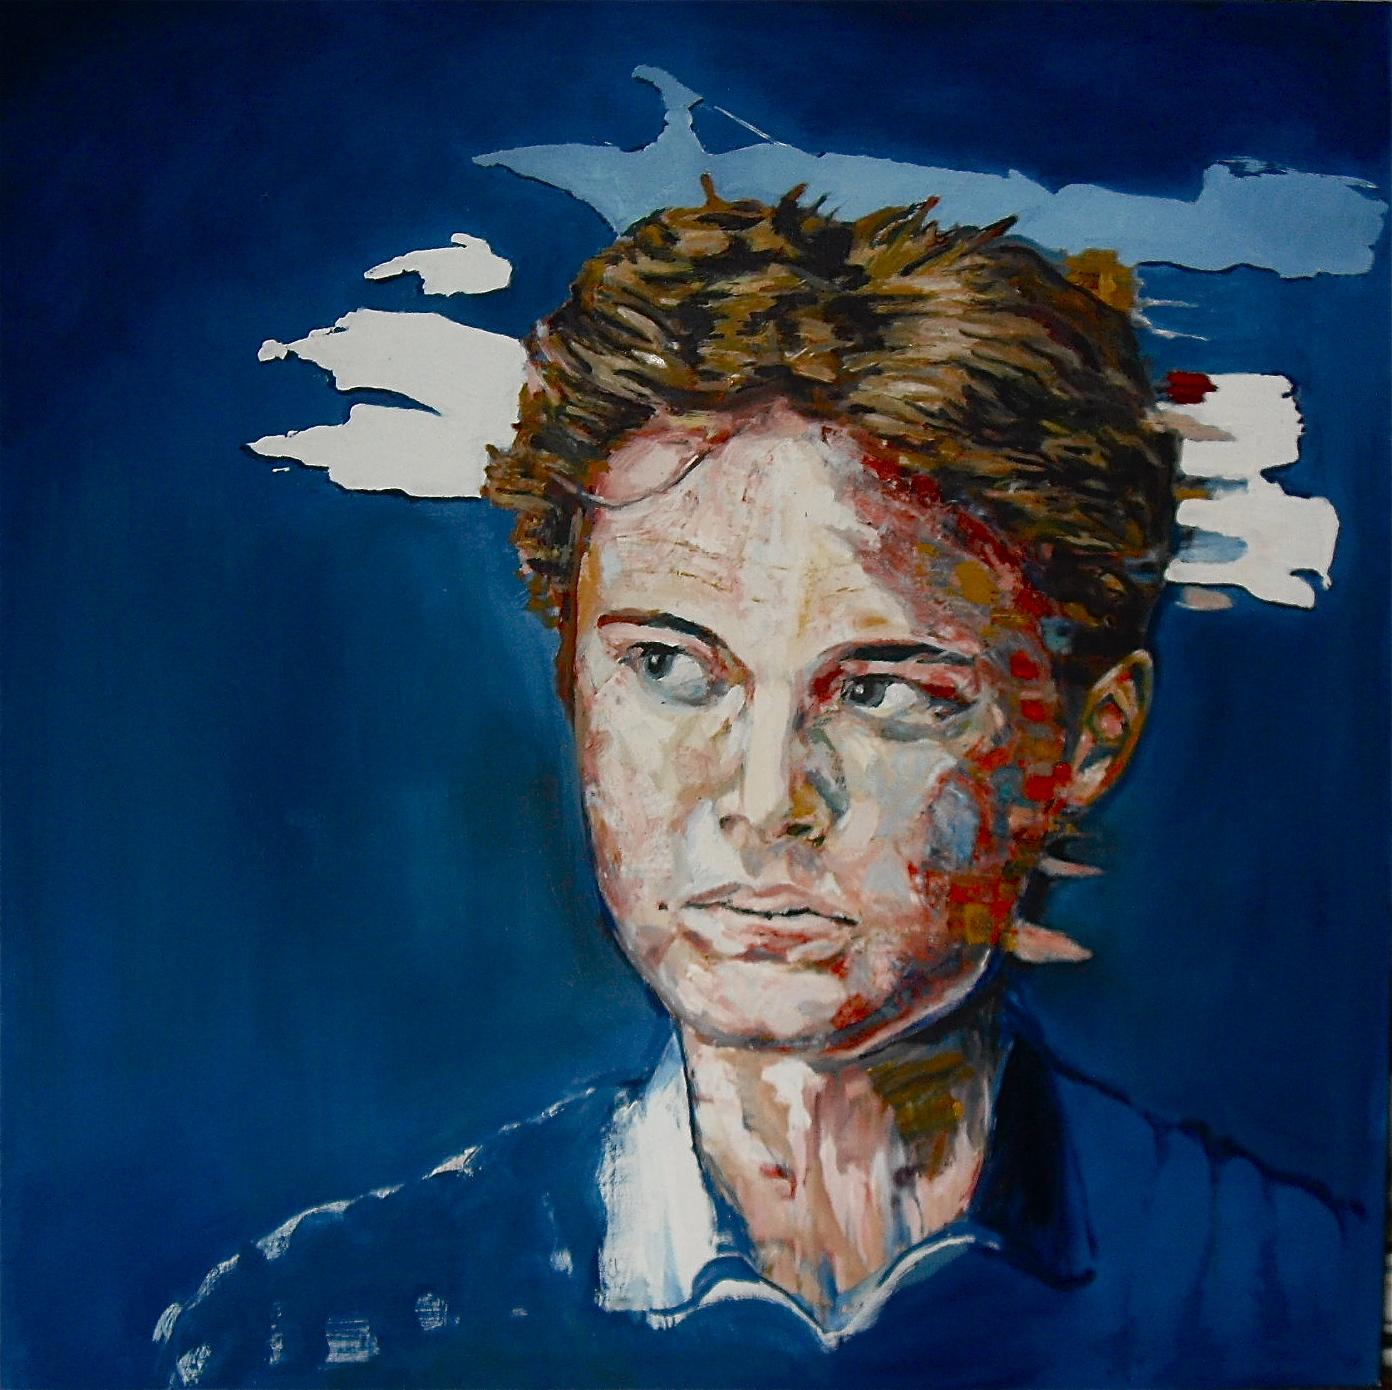 Portrait de Dorian, par Stanmac 2016. Visage sur fond bleu. Huile sur toile / Oil on canvas 100 cm x 100 cm (Collection particulière)